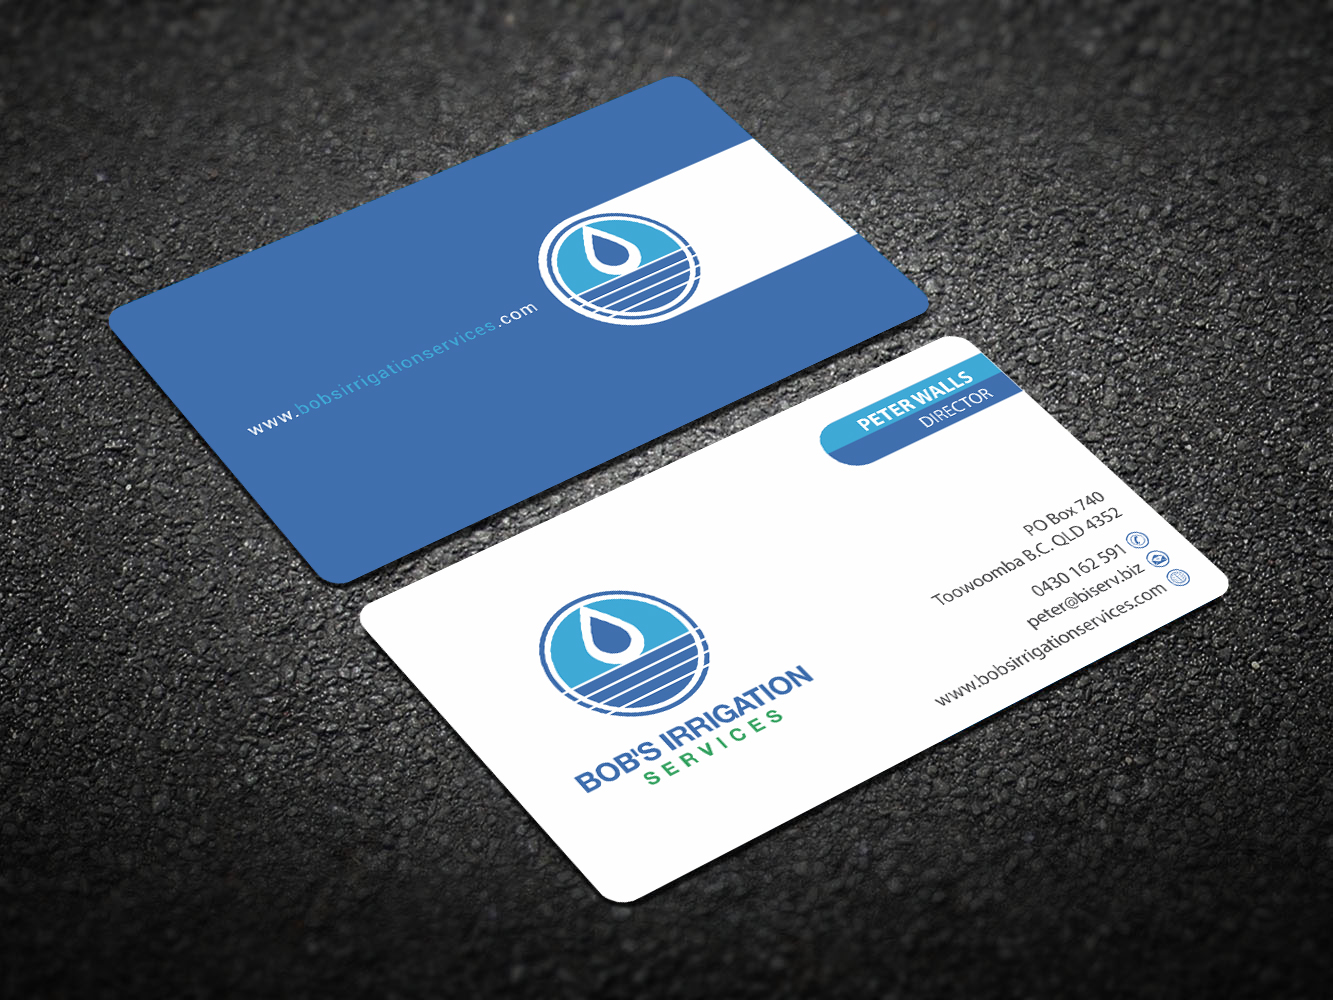 Upmarket modern business business card design for bobs irrigation business card design by madhuraminfotech for bobs irrigation services design 15811189 reheart Images